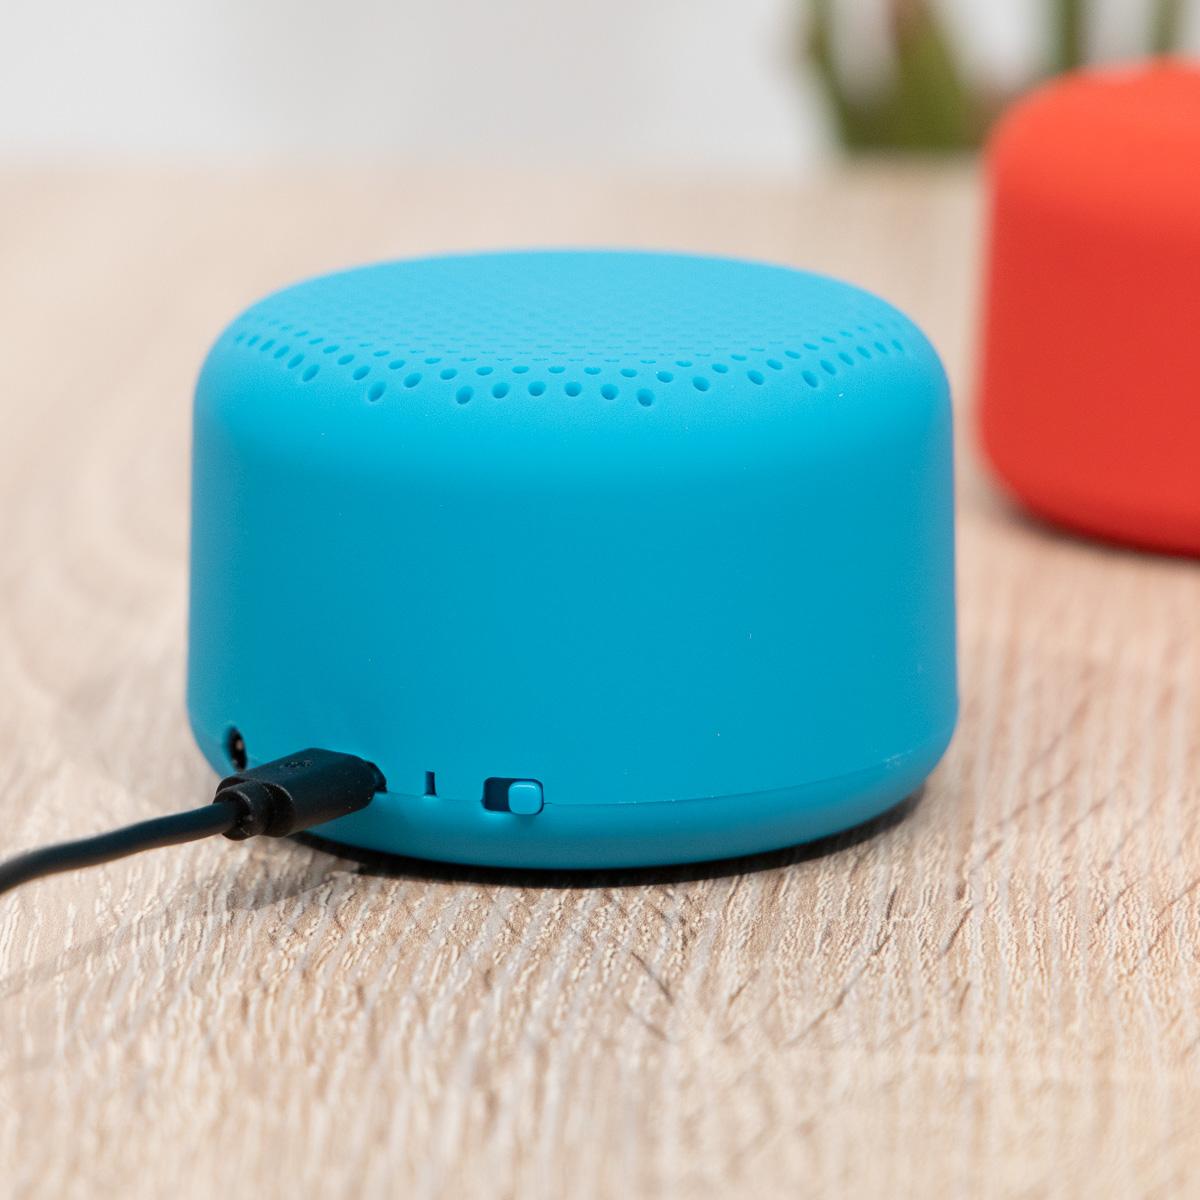 Altoparlante Bluetooth Veho M1